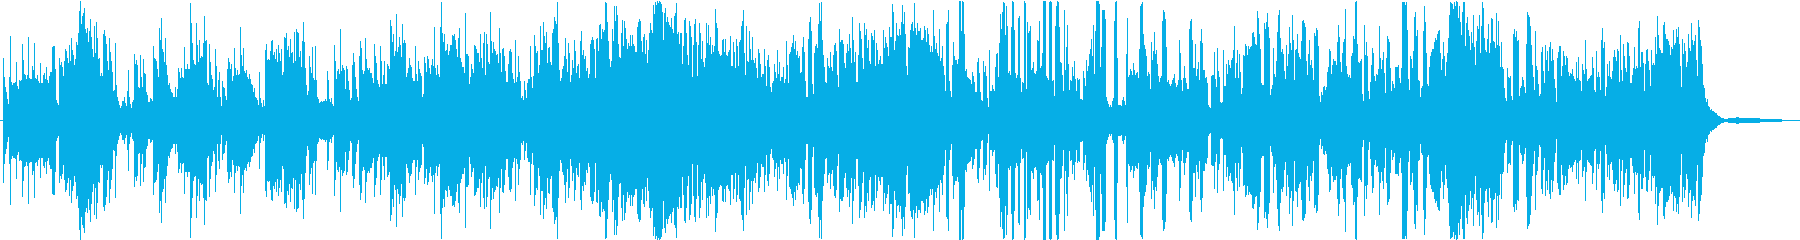 派手なインストファンクの再生済みの波形